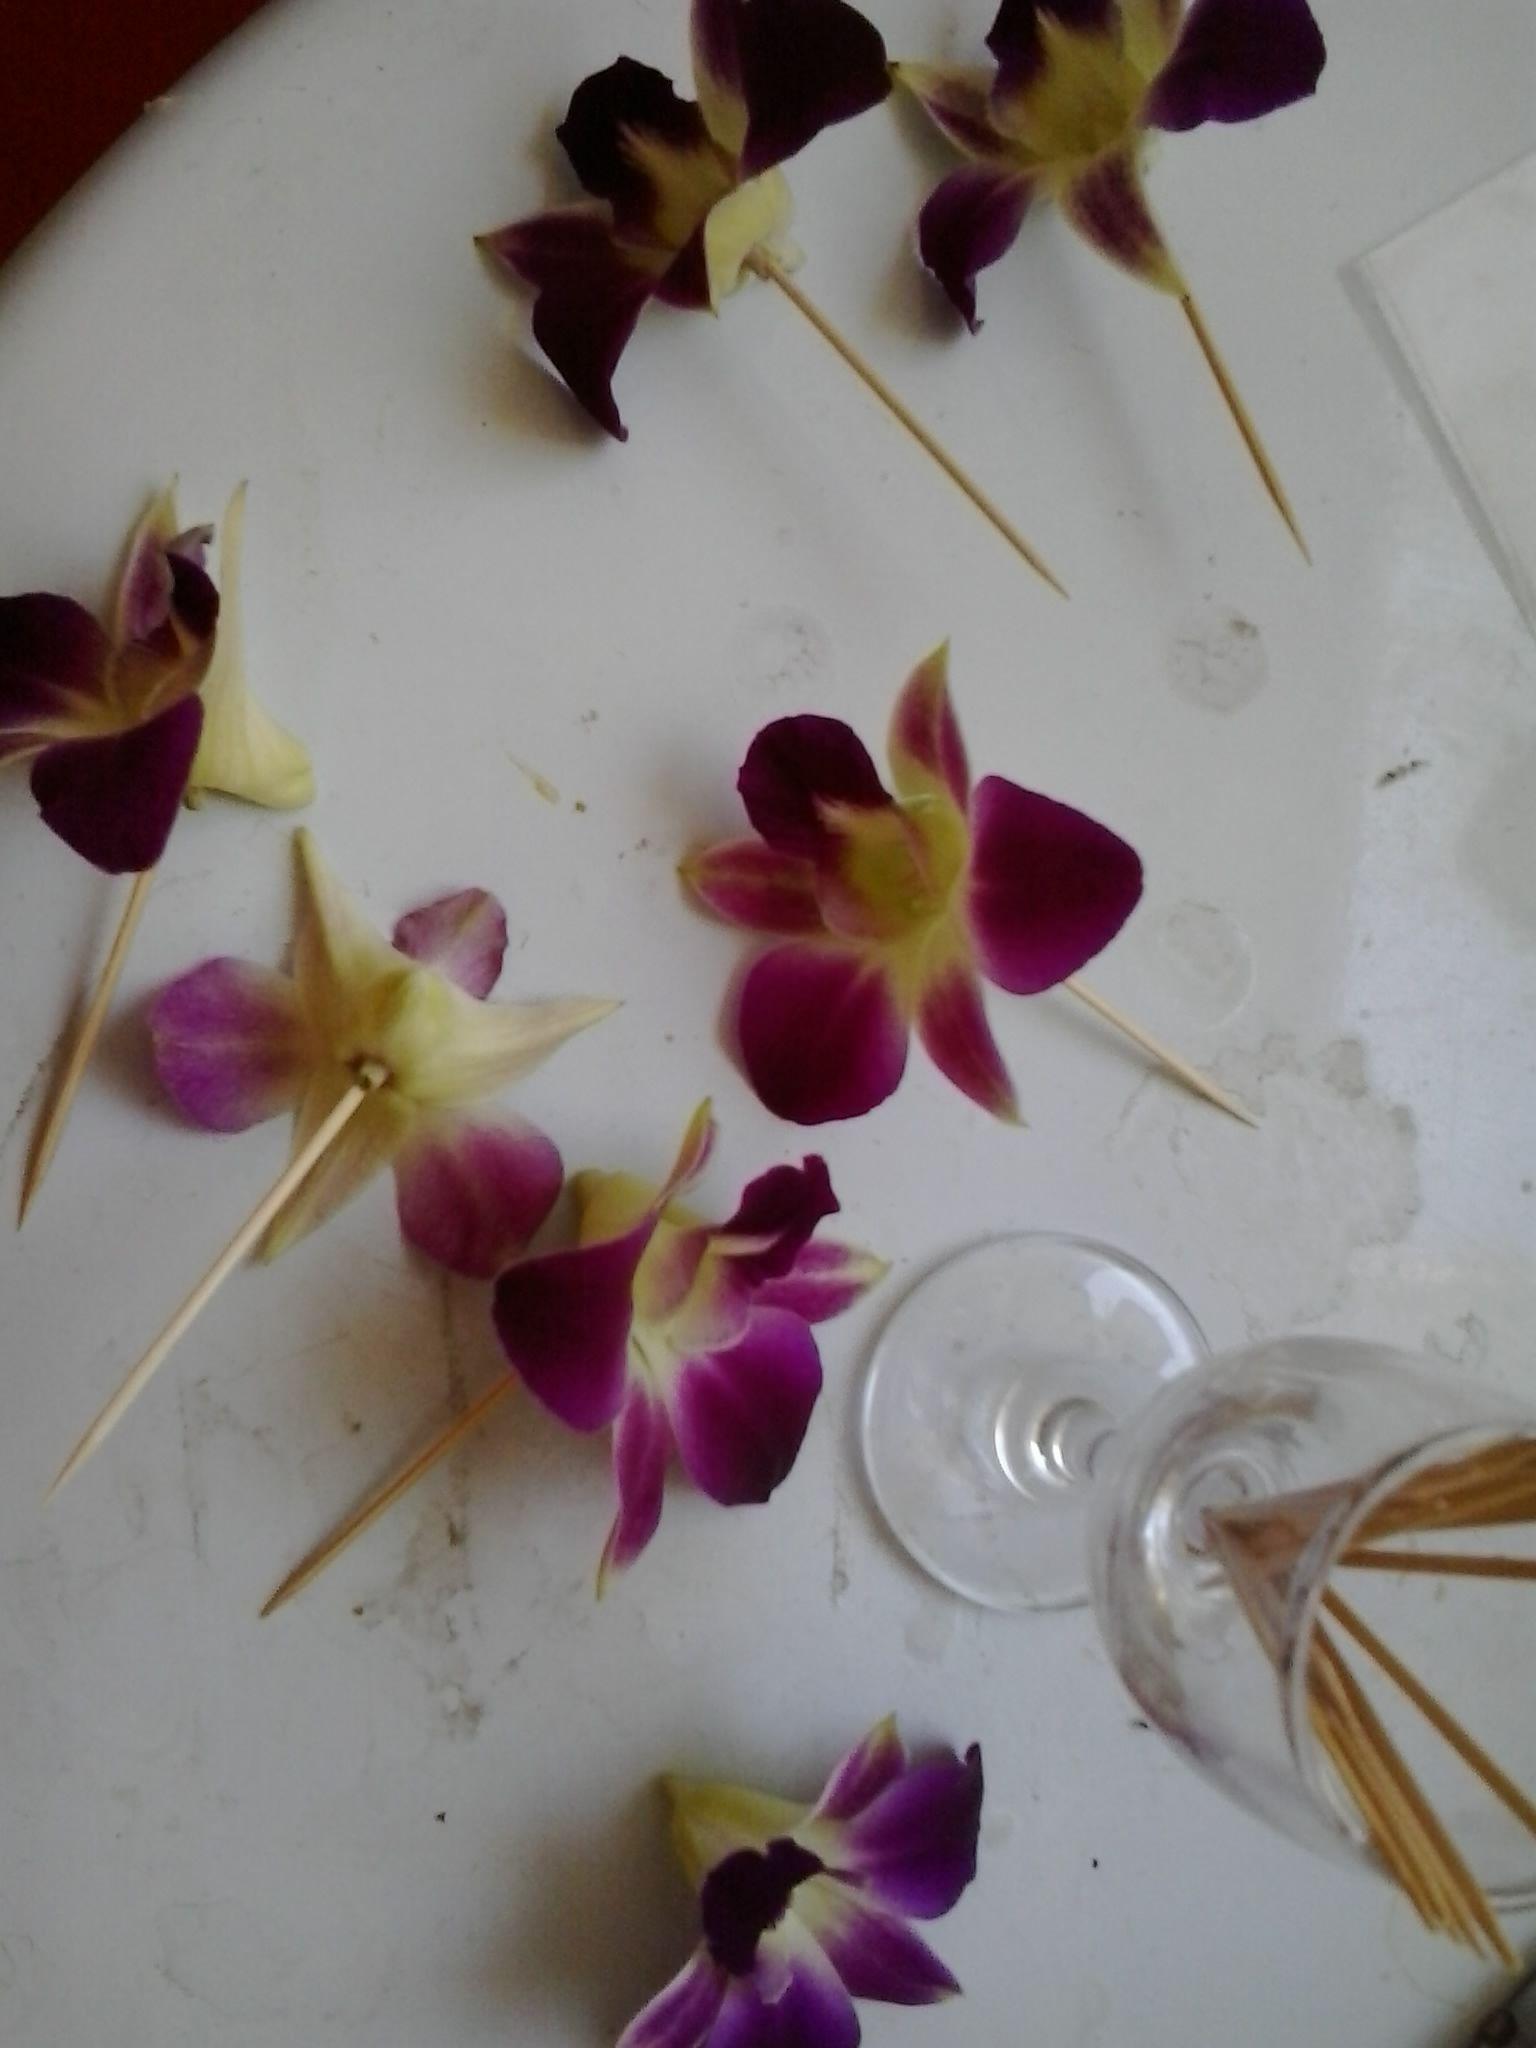 Webklik.nl resincoatingorchids Dried flower jewelry